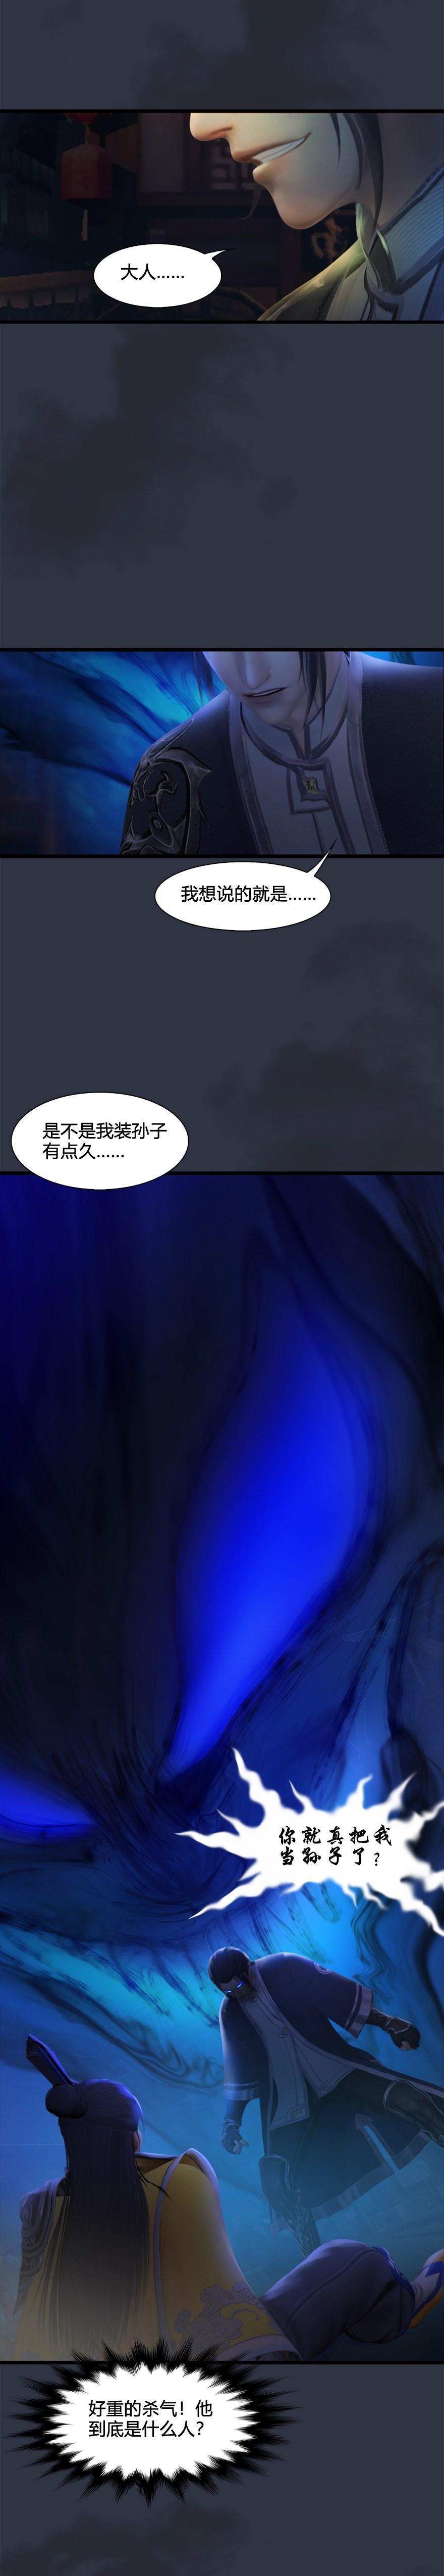 """《堕玄师》第29话:""""孙子模式""""解除,楚越回归杀戒大开"""